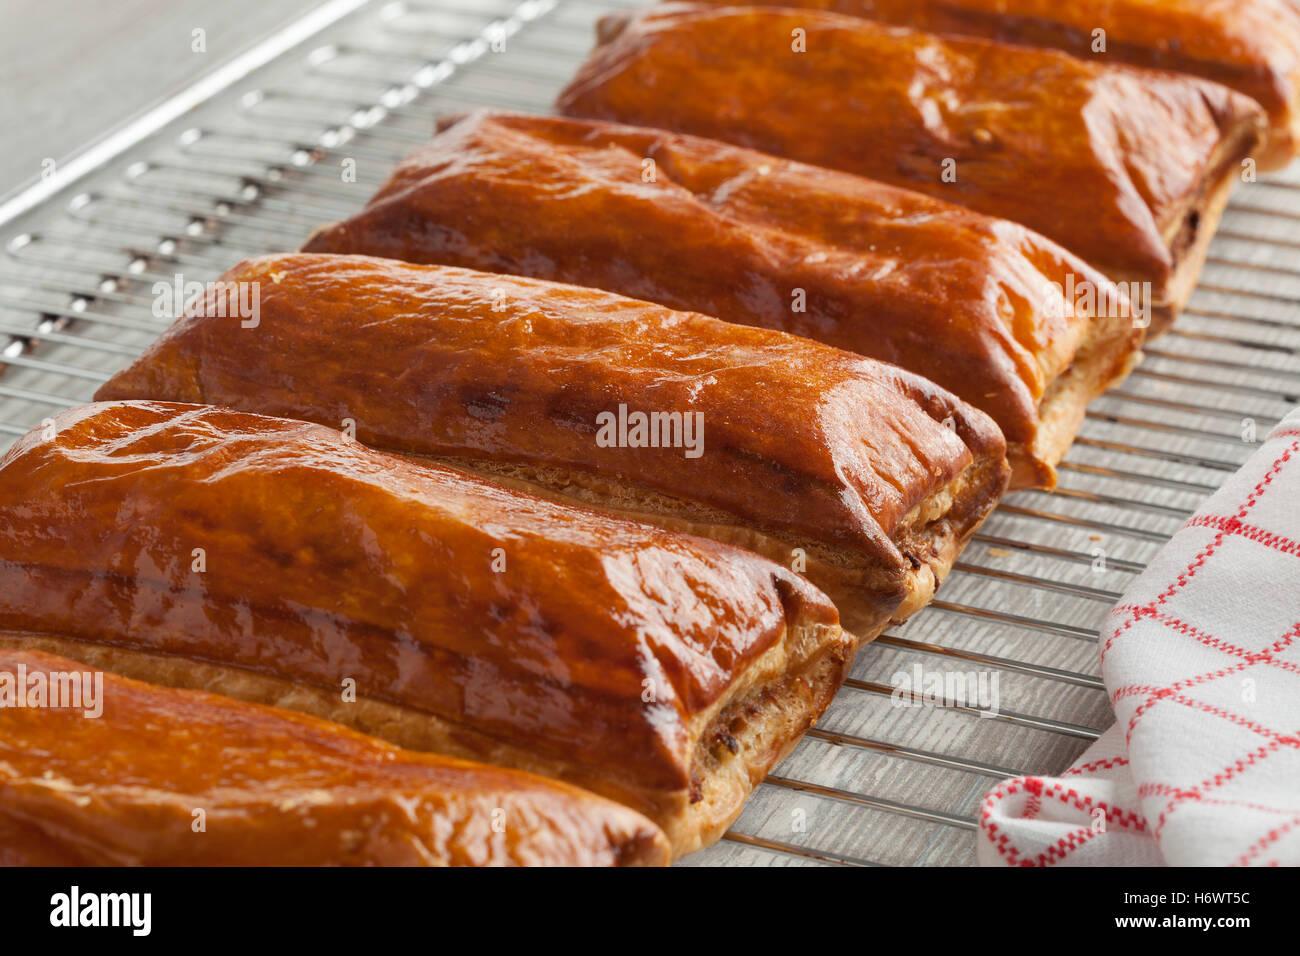 Frisch gebackene Wurst Brötchen aus dem Ofen Stockbild